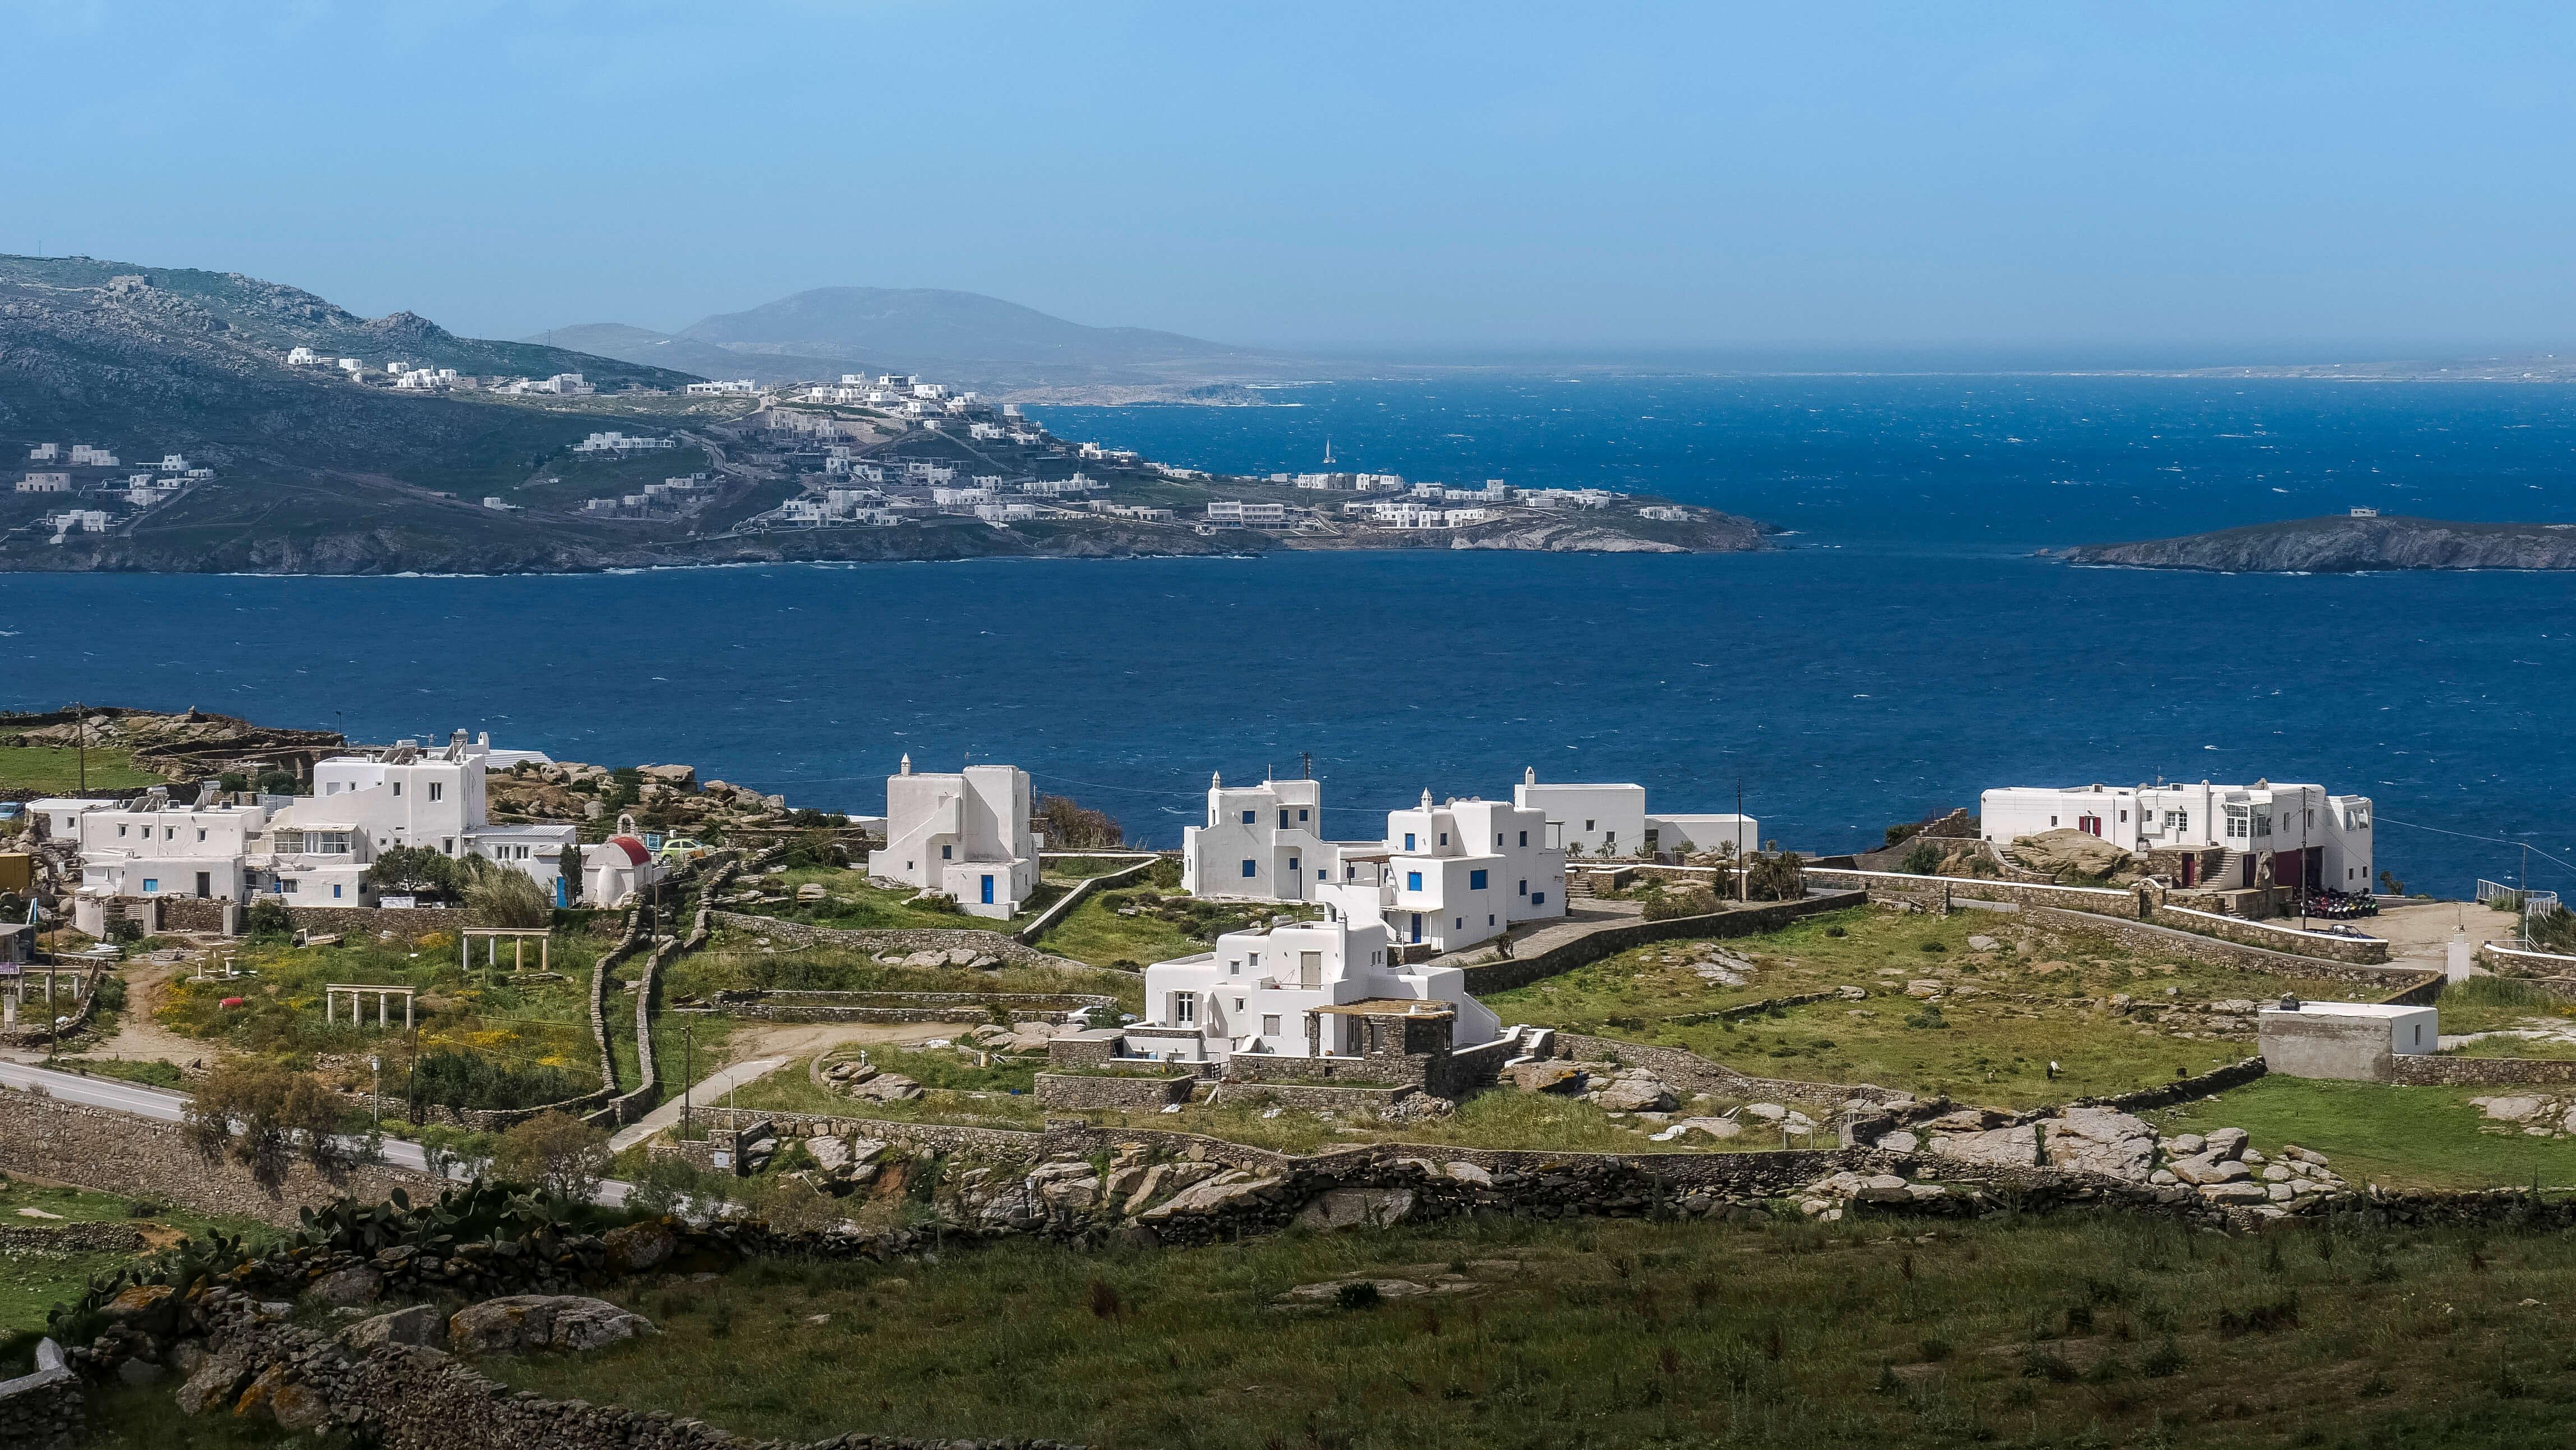 L'île de Mykonos, Cyclades, Grèce